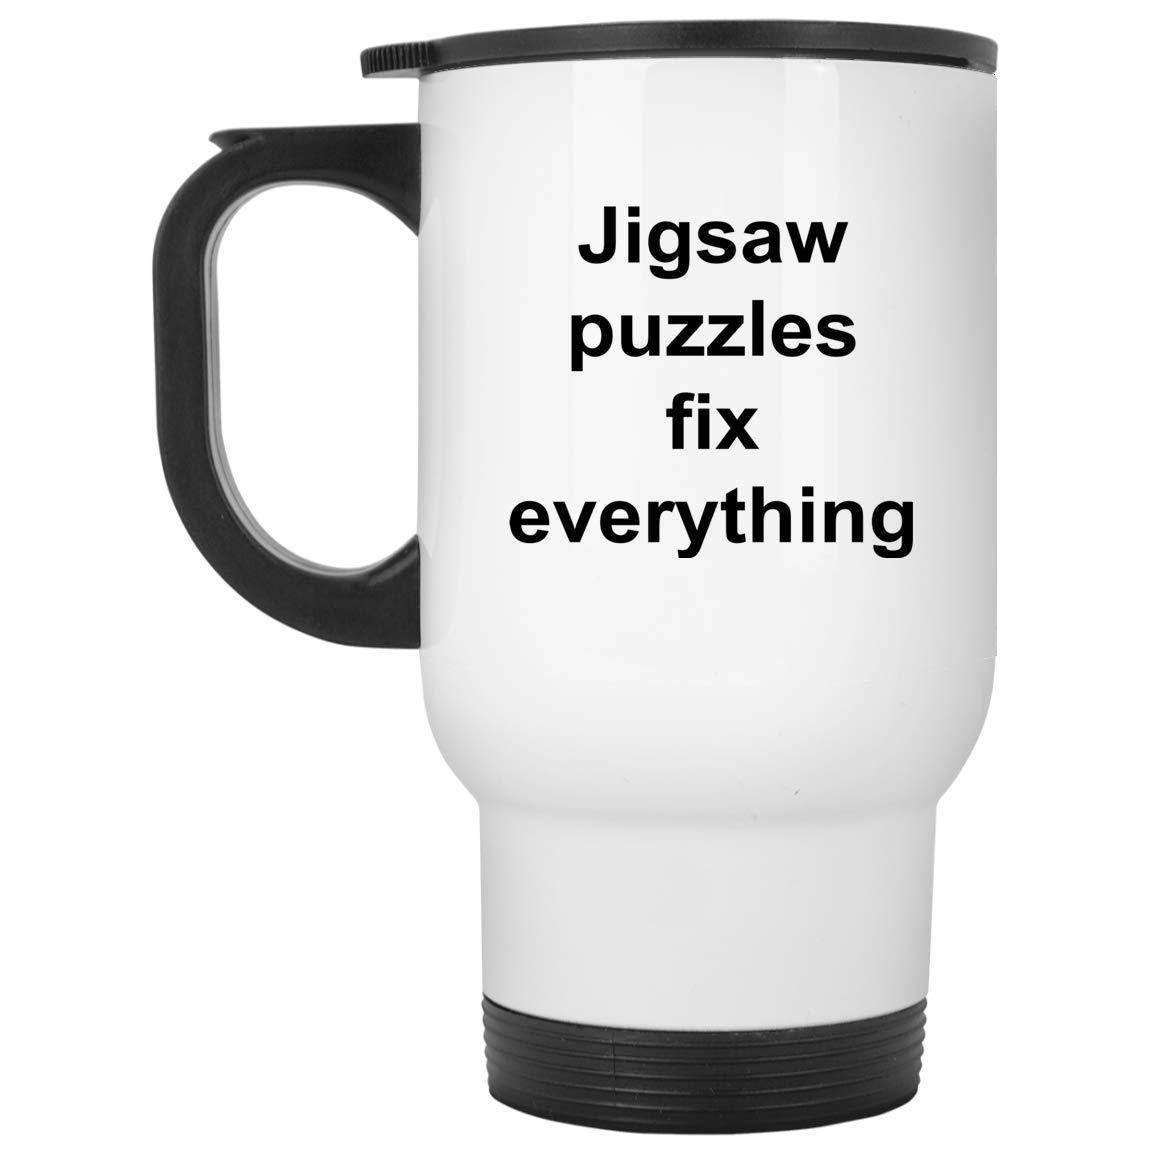 ジグソーパズル トラベルマグ - 14オンス ホワイトステンレススチール - 面白いノベルティギフトアイデア B07J6G46C9